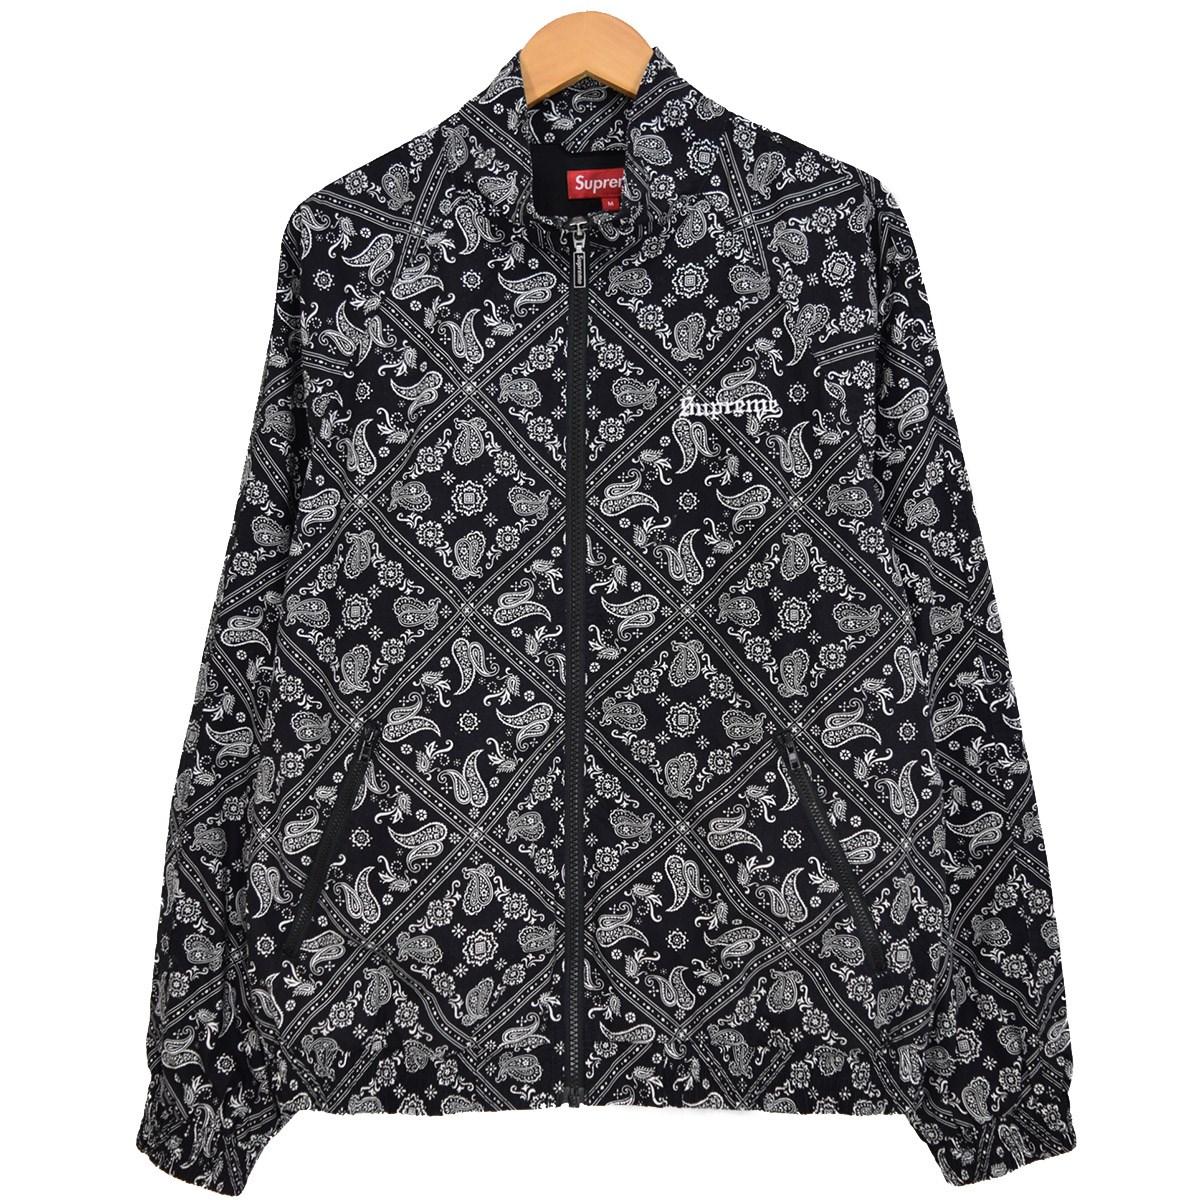 【中古】SUPREME BANDANA TRACK JACKET バンダナトラックジャケット 2018SS ブラック サイズ:M 【141219】(シュプリーム)